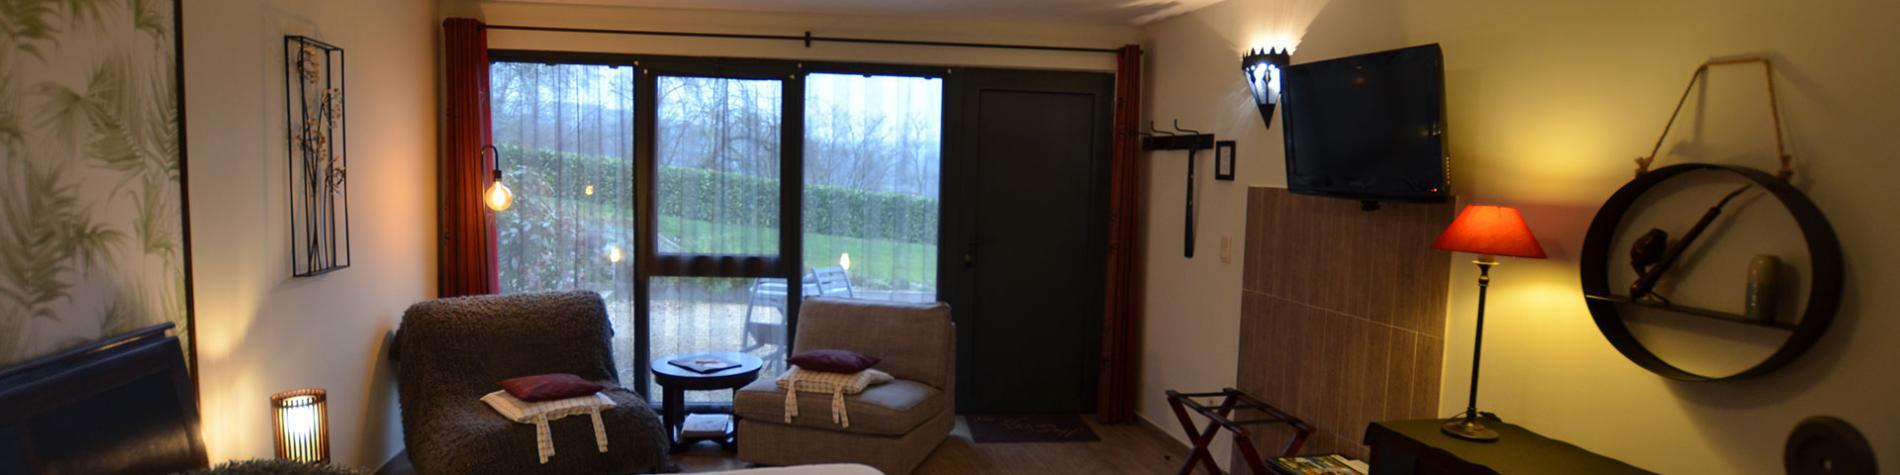 Le Bouchat Oreille - Chambres d'hôtes - Yvoir - 4 chambres d'hôtes - 8 personnes